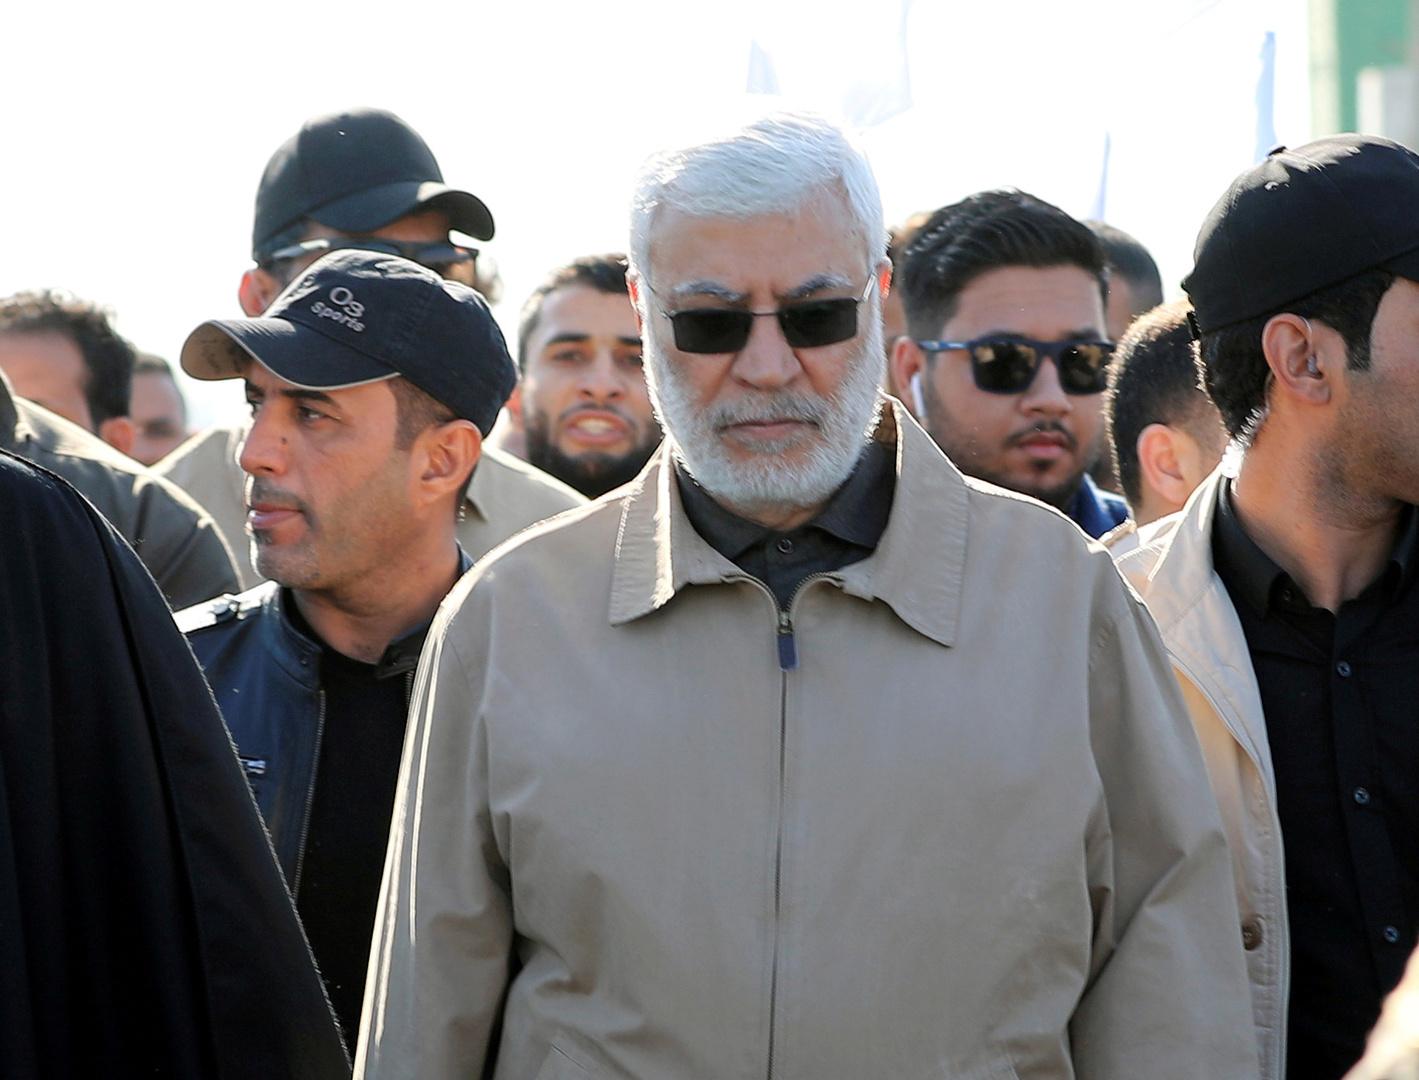 جثمان المهندس إلى إيران لإجراء فحص الـDNA قبل دفنه في النجف